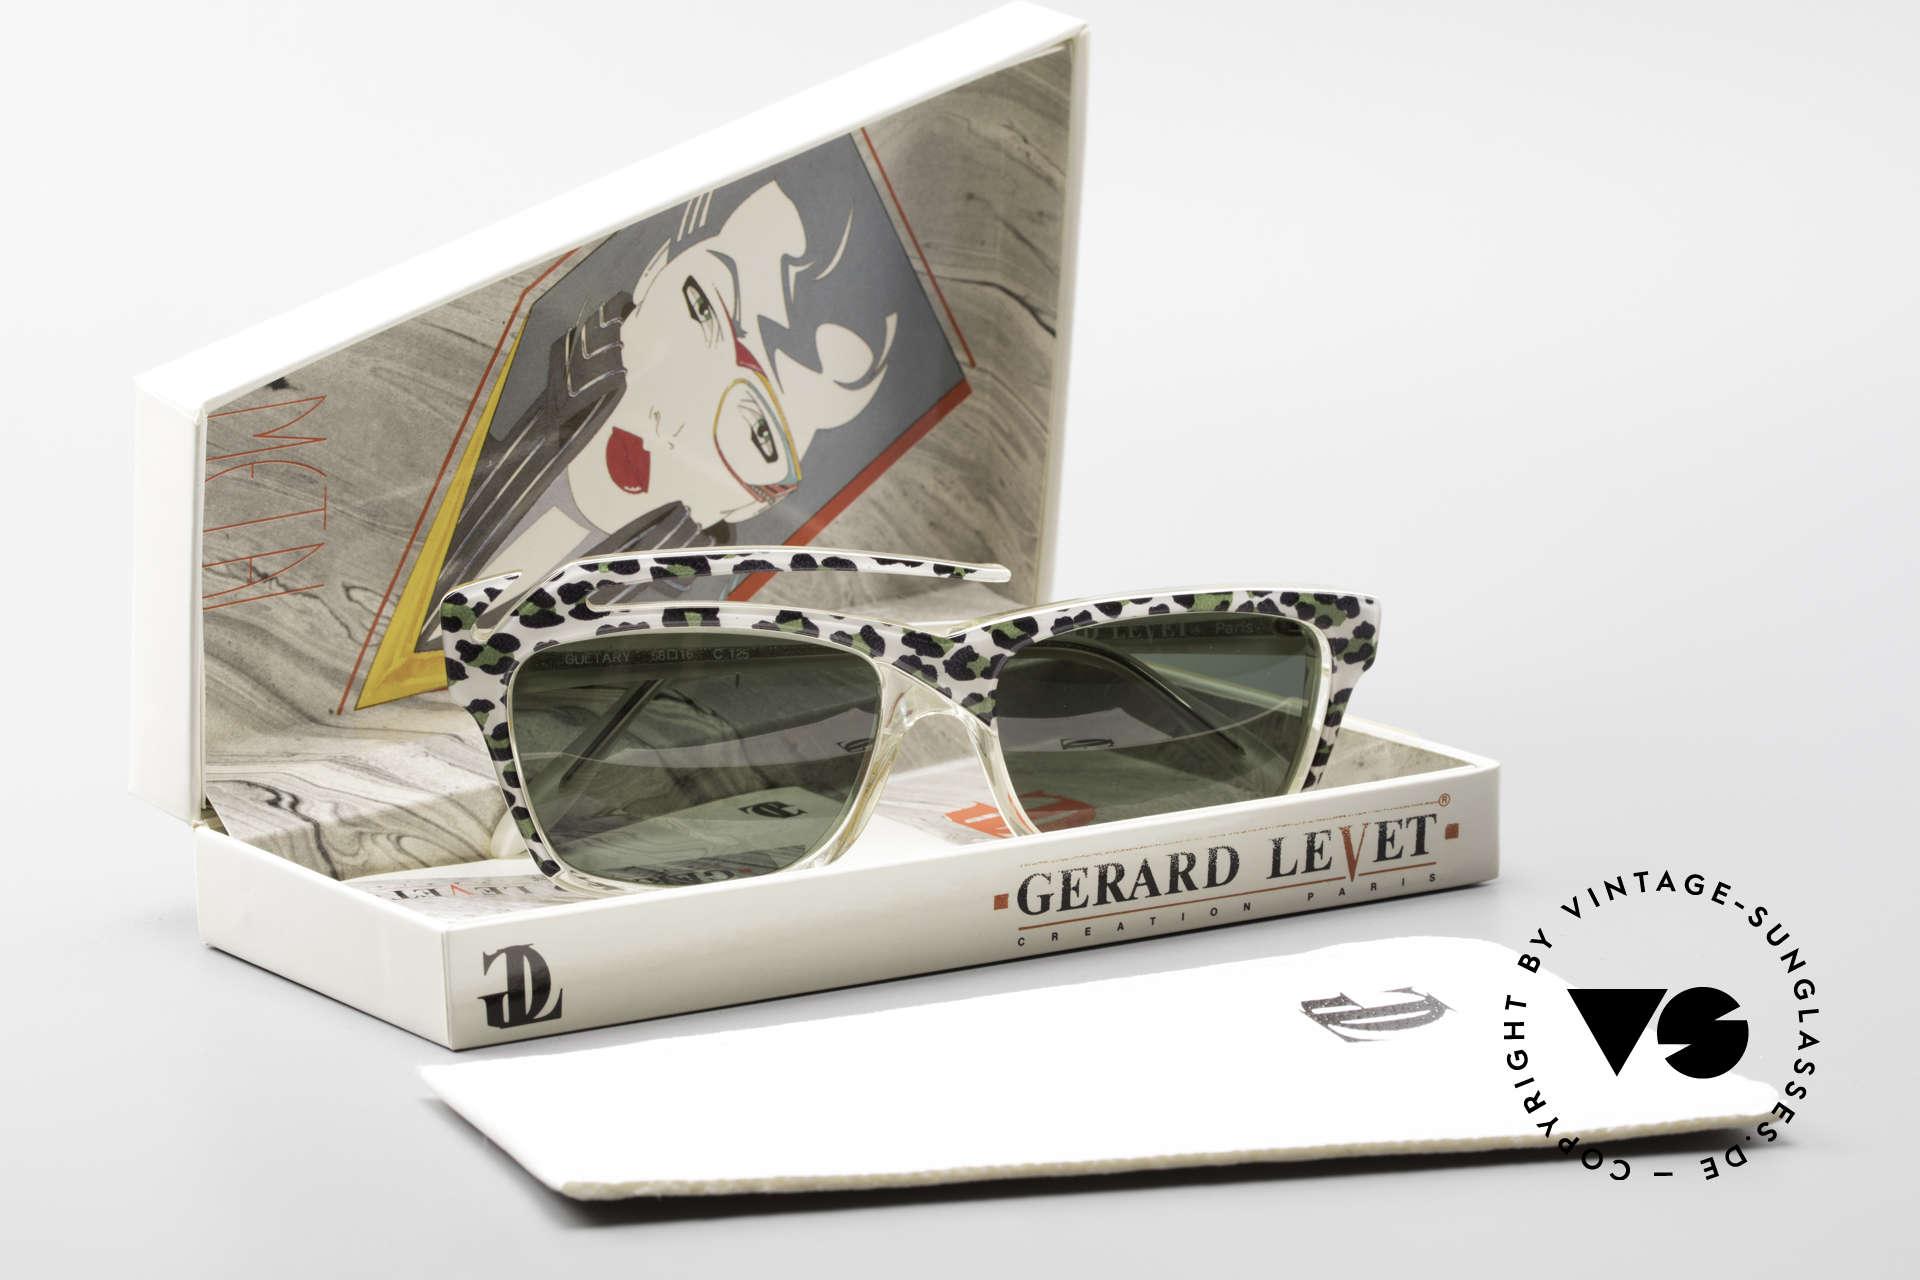 Gerard Levet Guetary Huldigung an die Weiblichkeit, ein wirklich tolles Rahmenmuster sowie Design, Passend für Damen